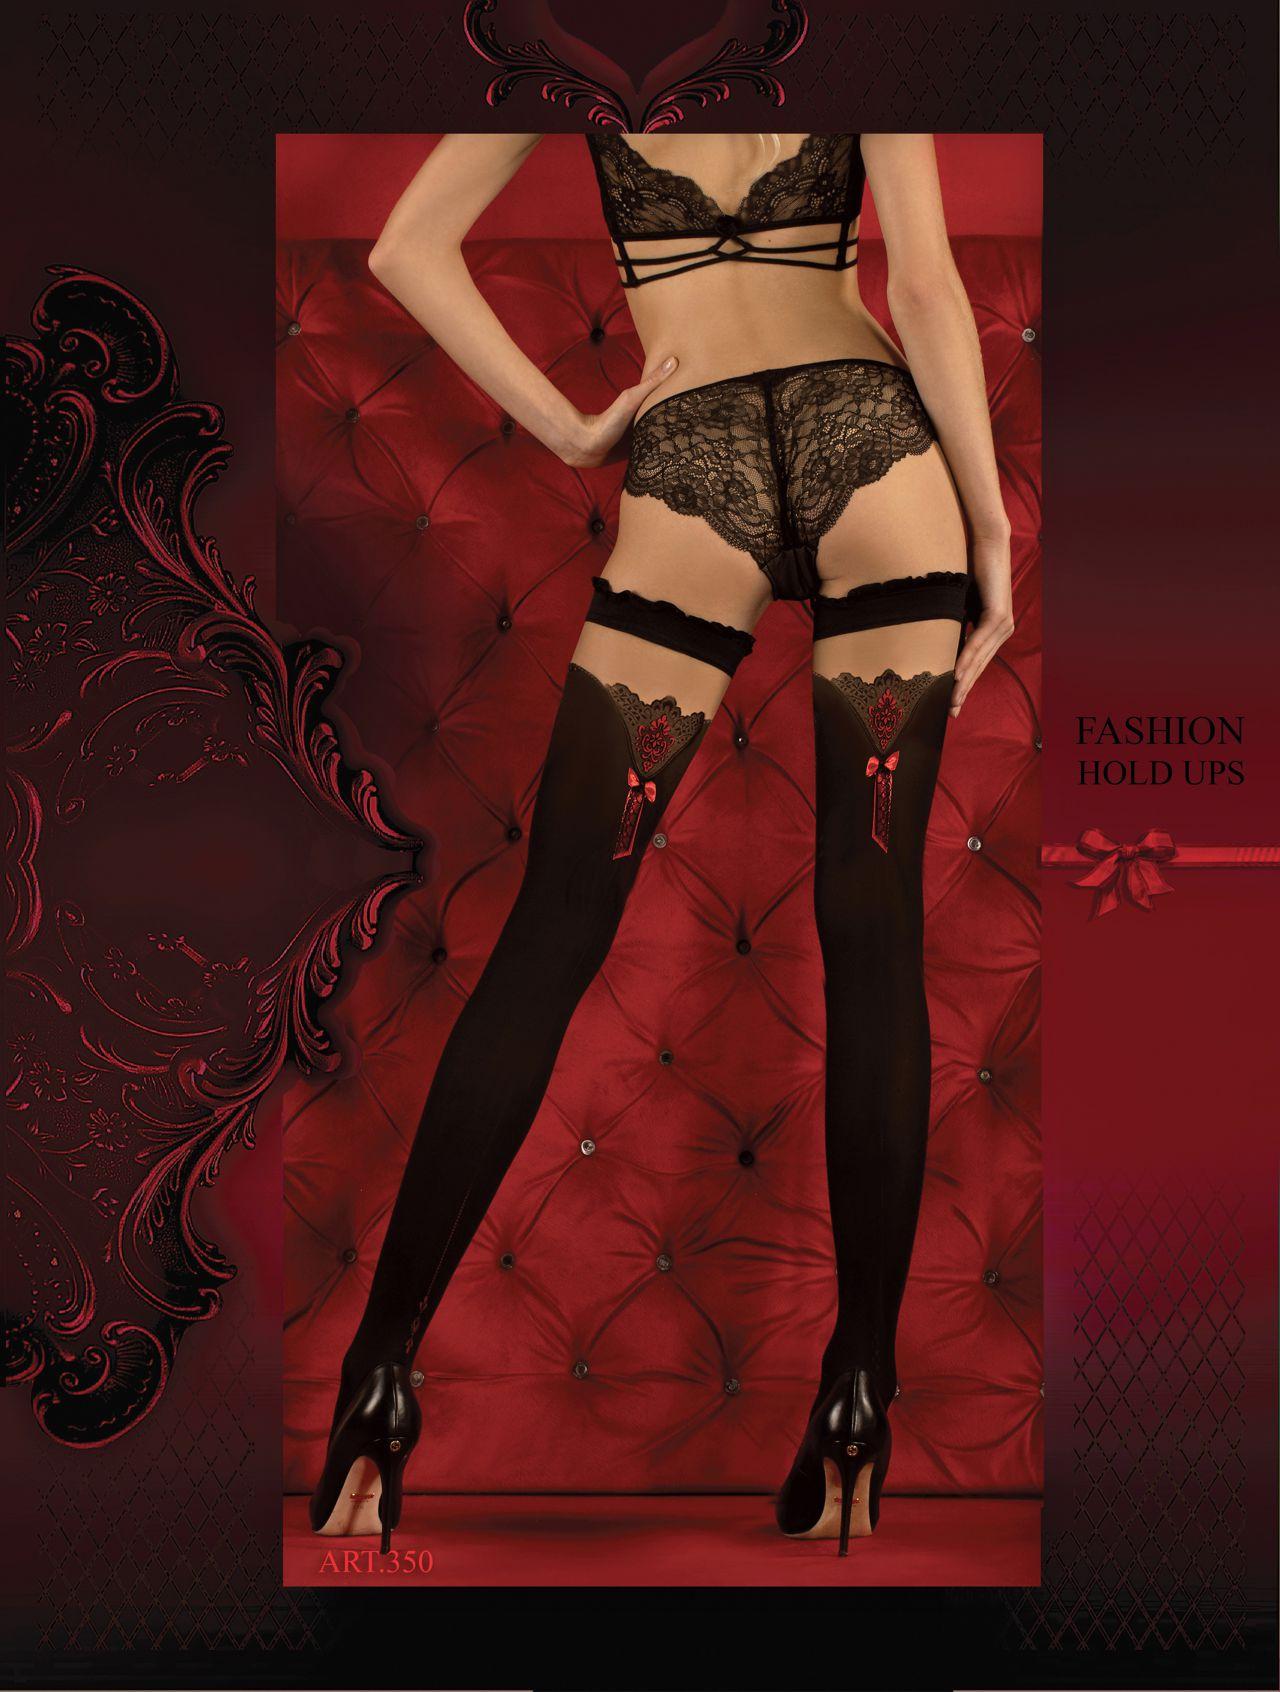 bl350_bas-glamour-romantique-pin-up-burlesque-autofixants-prive